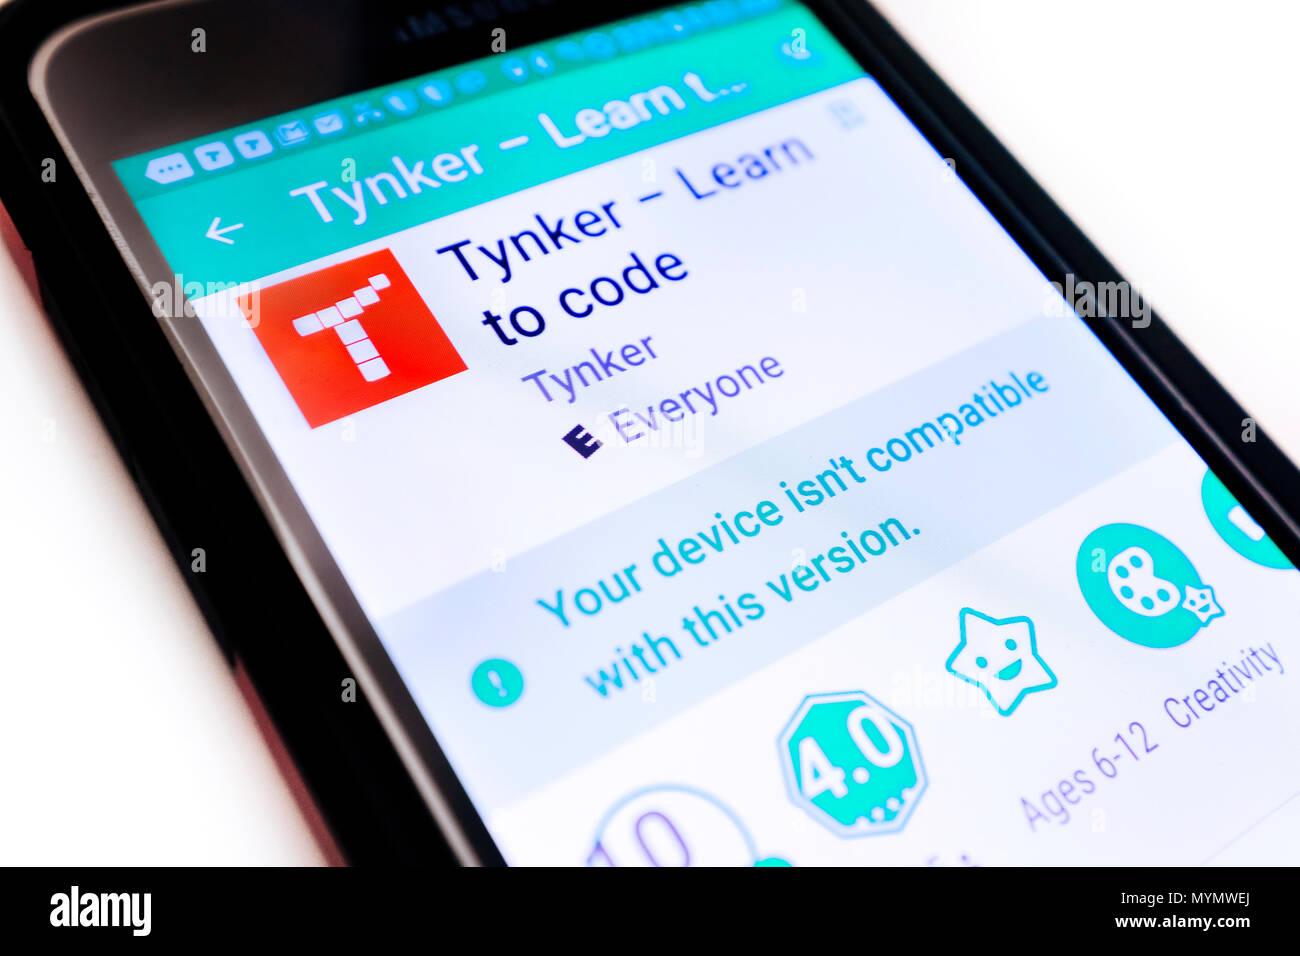 Image éditoriale d'illustration d'un Samsung smartphone avec l'application Tynker logo sur l'écran. Photo Stock